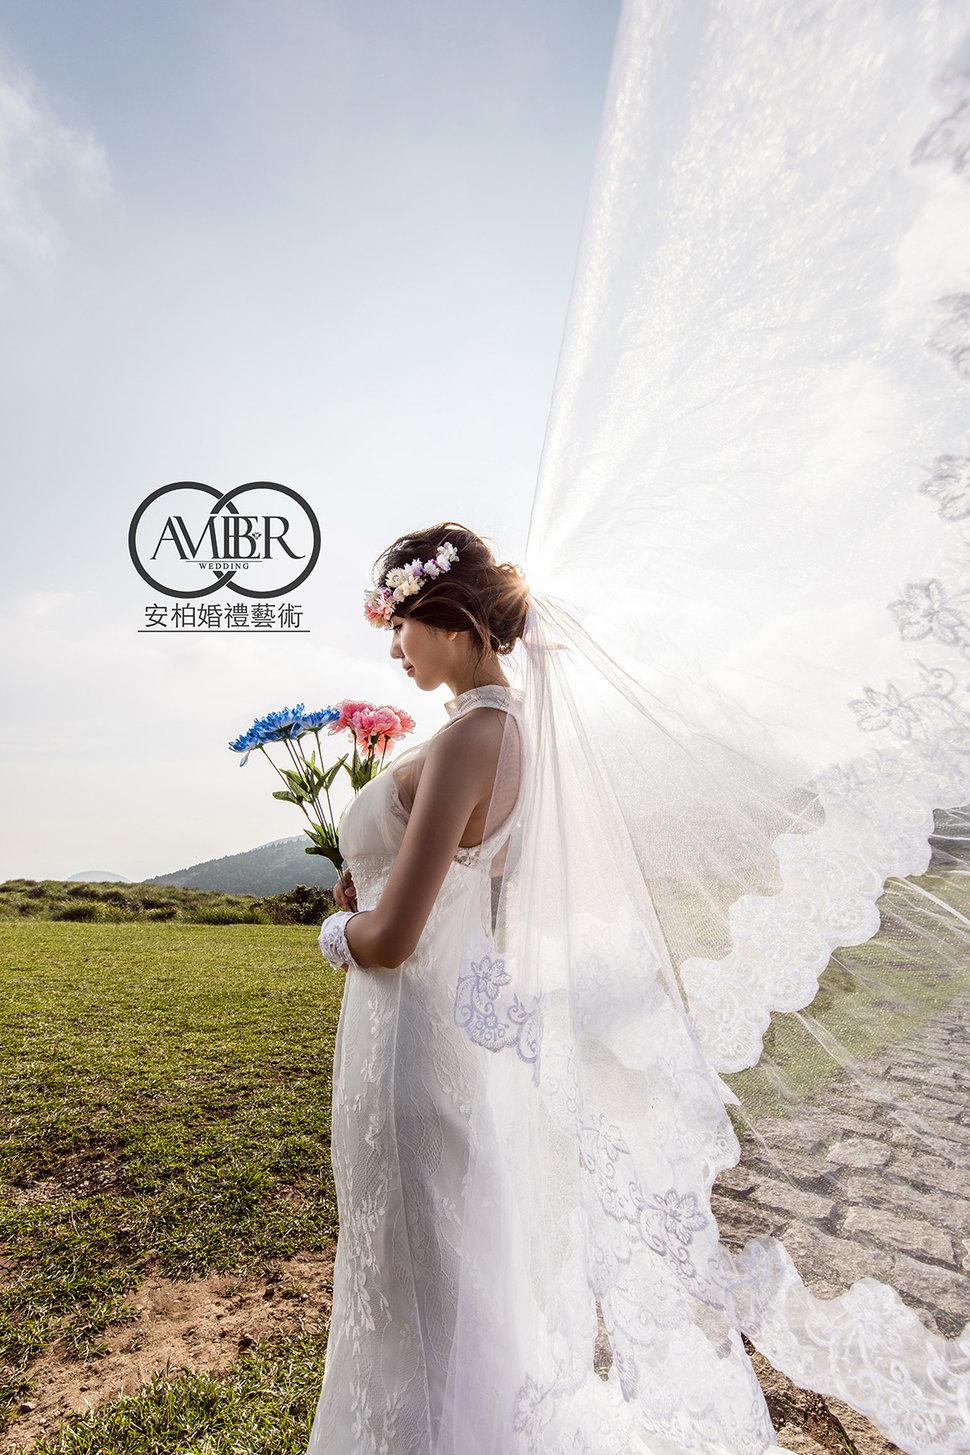 婚紗攝影(編號:10557) - AMBER WEDDING - 結婚吧